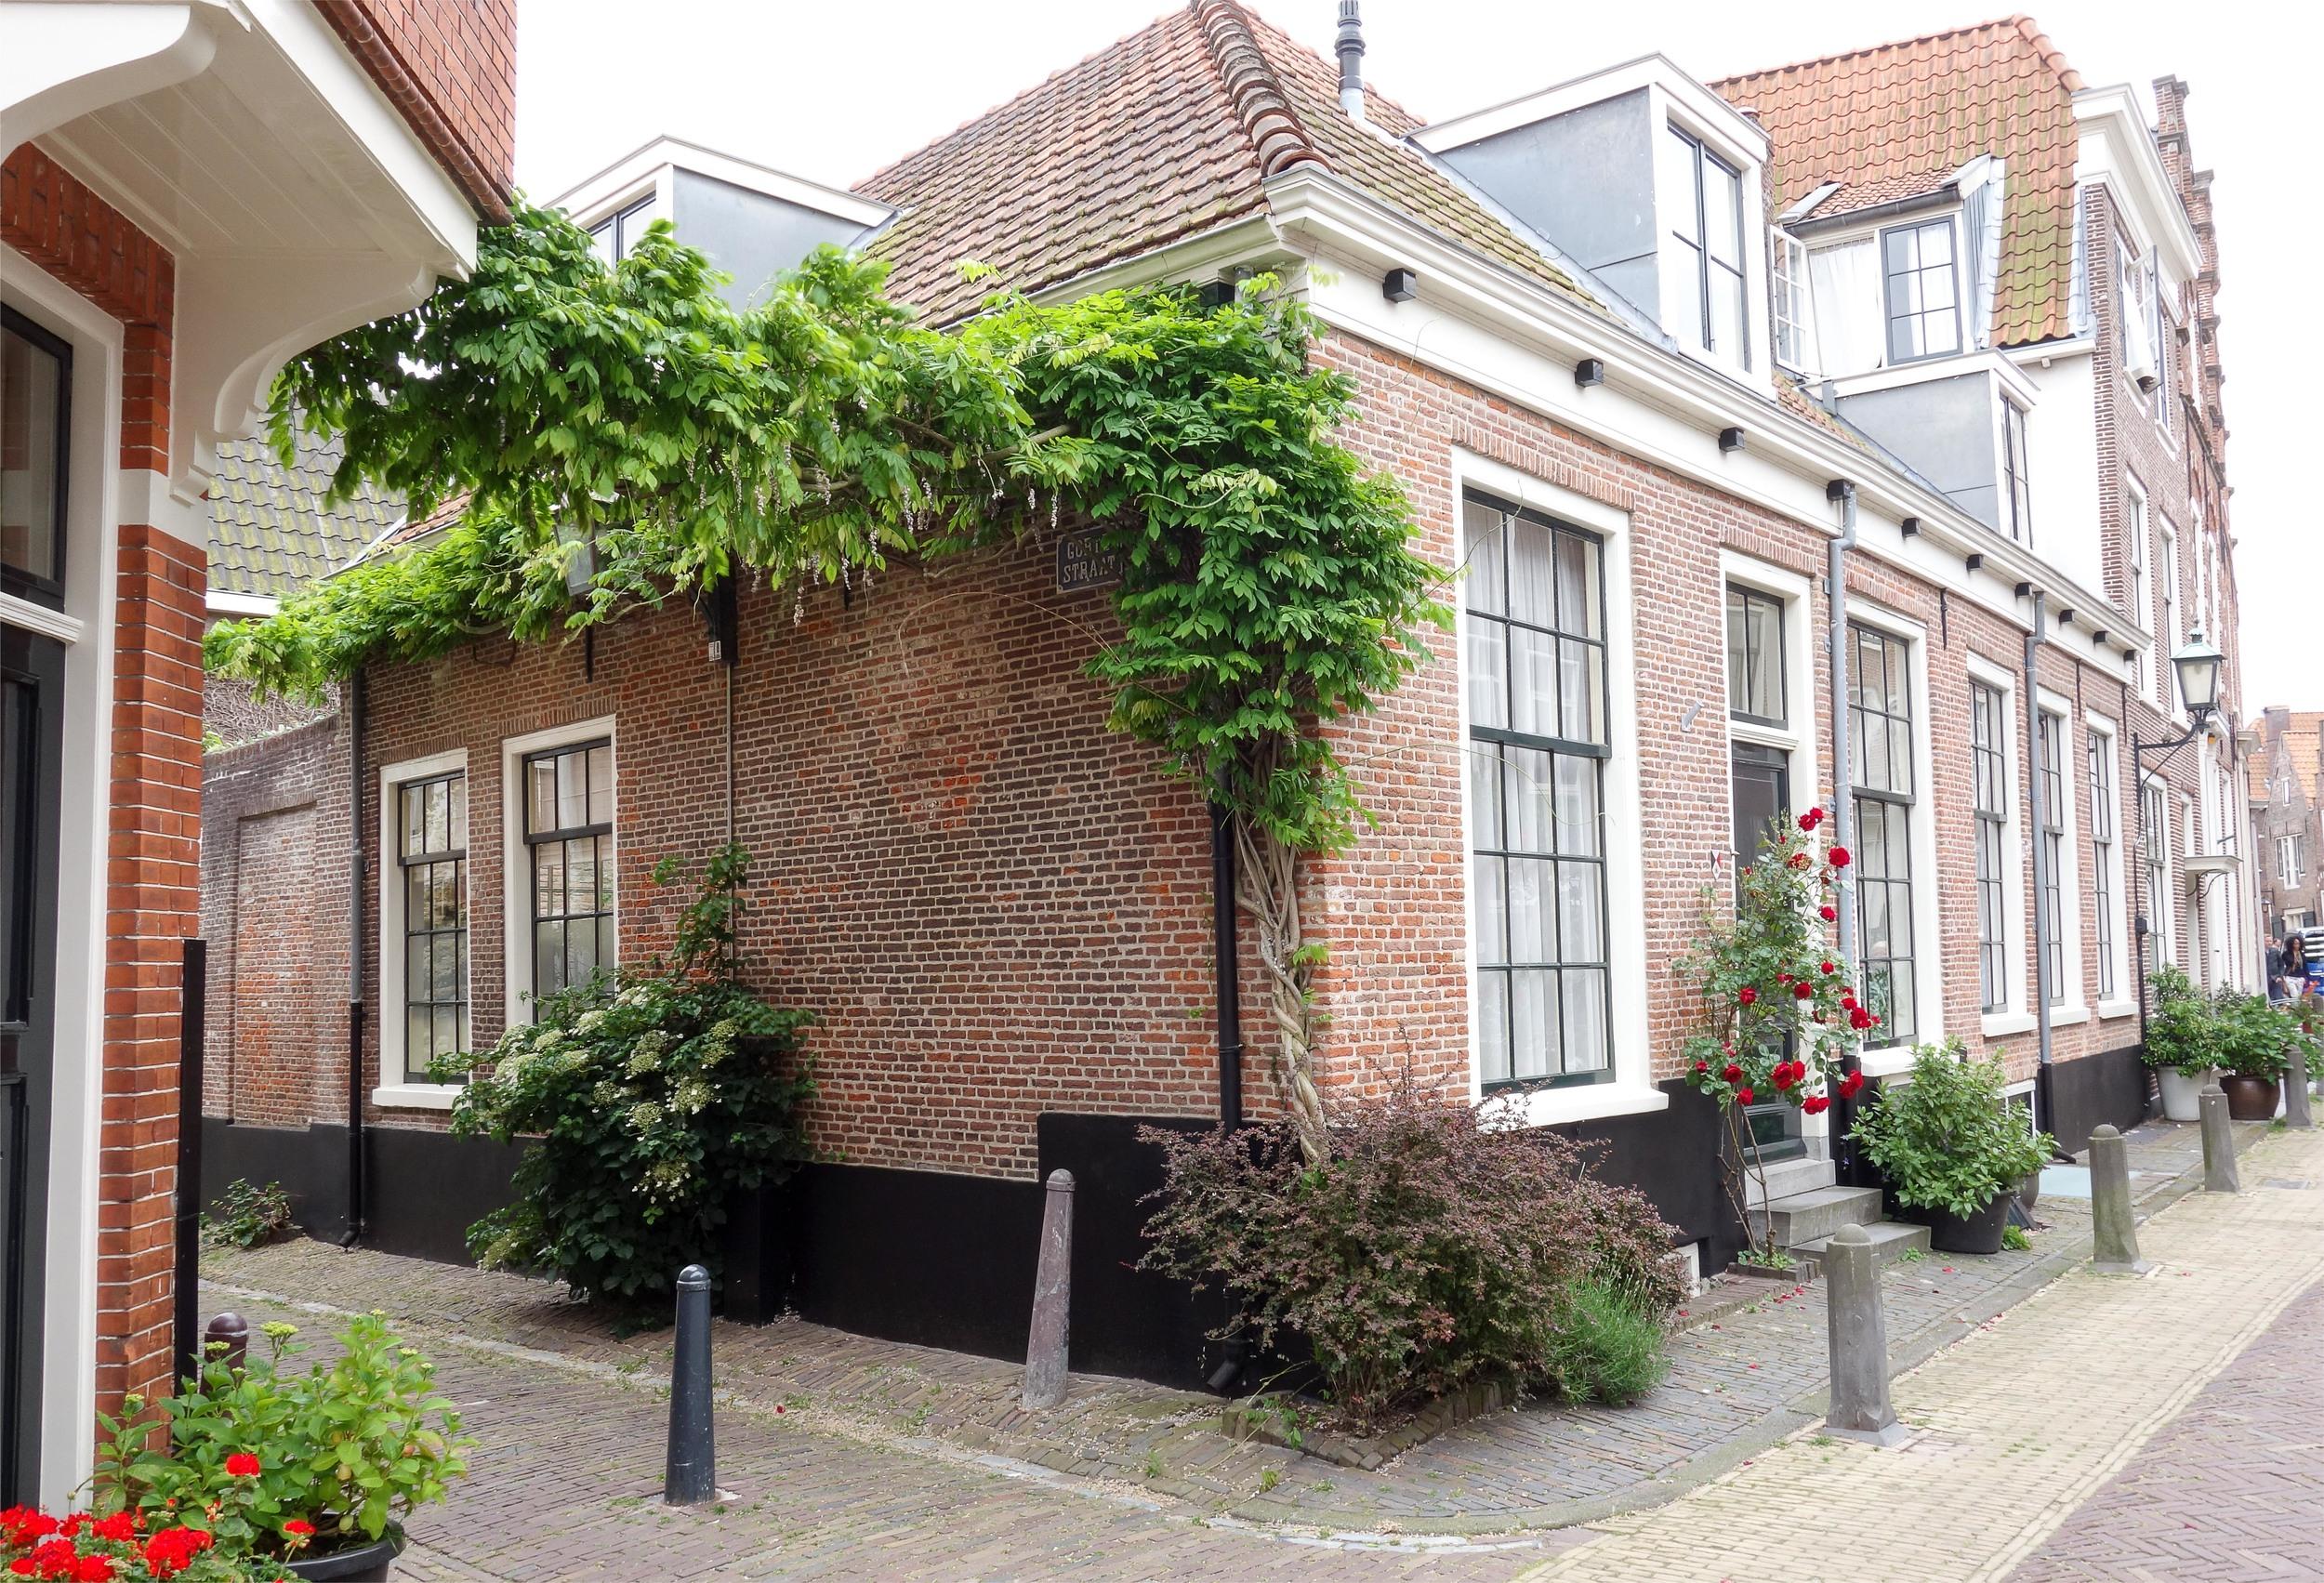 20150621_JudysBooksandBakery_Haarlem5.jpg